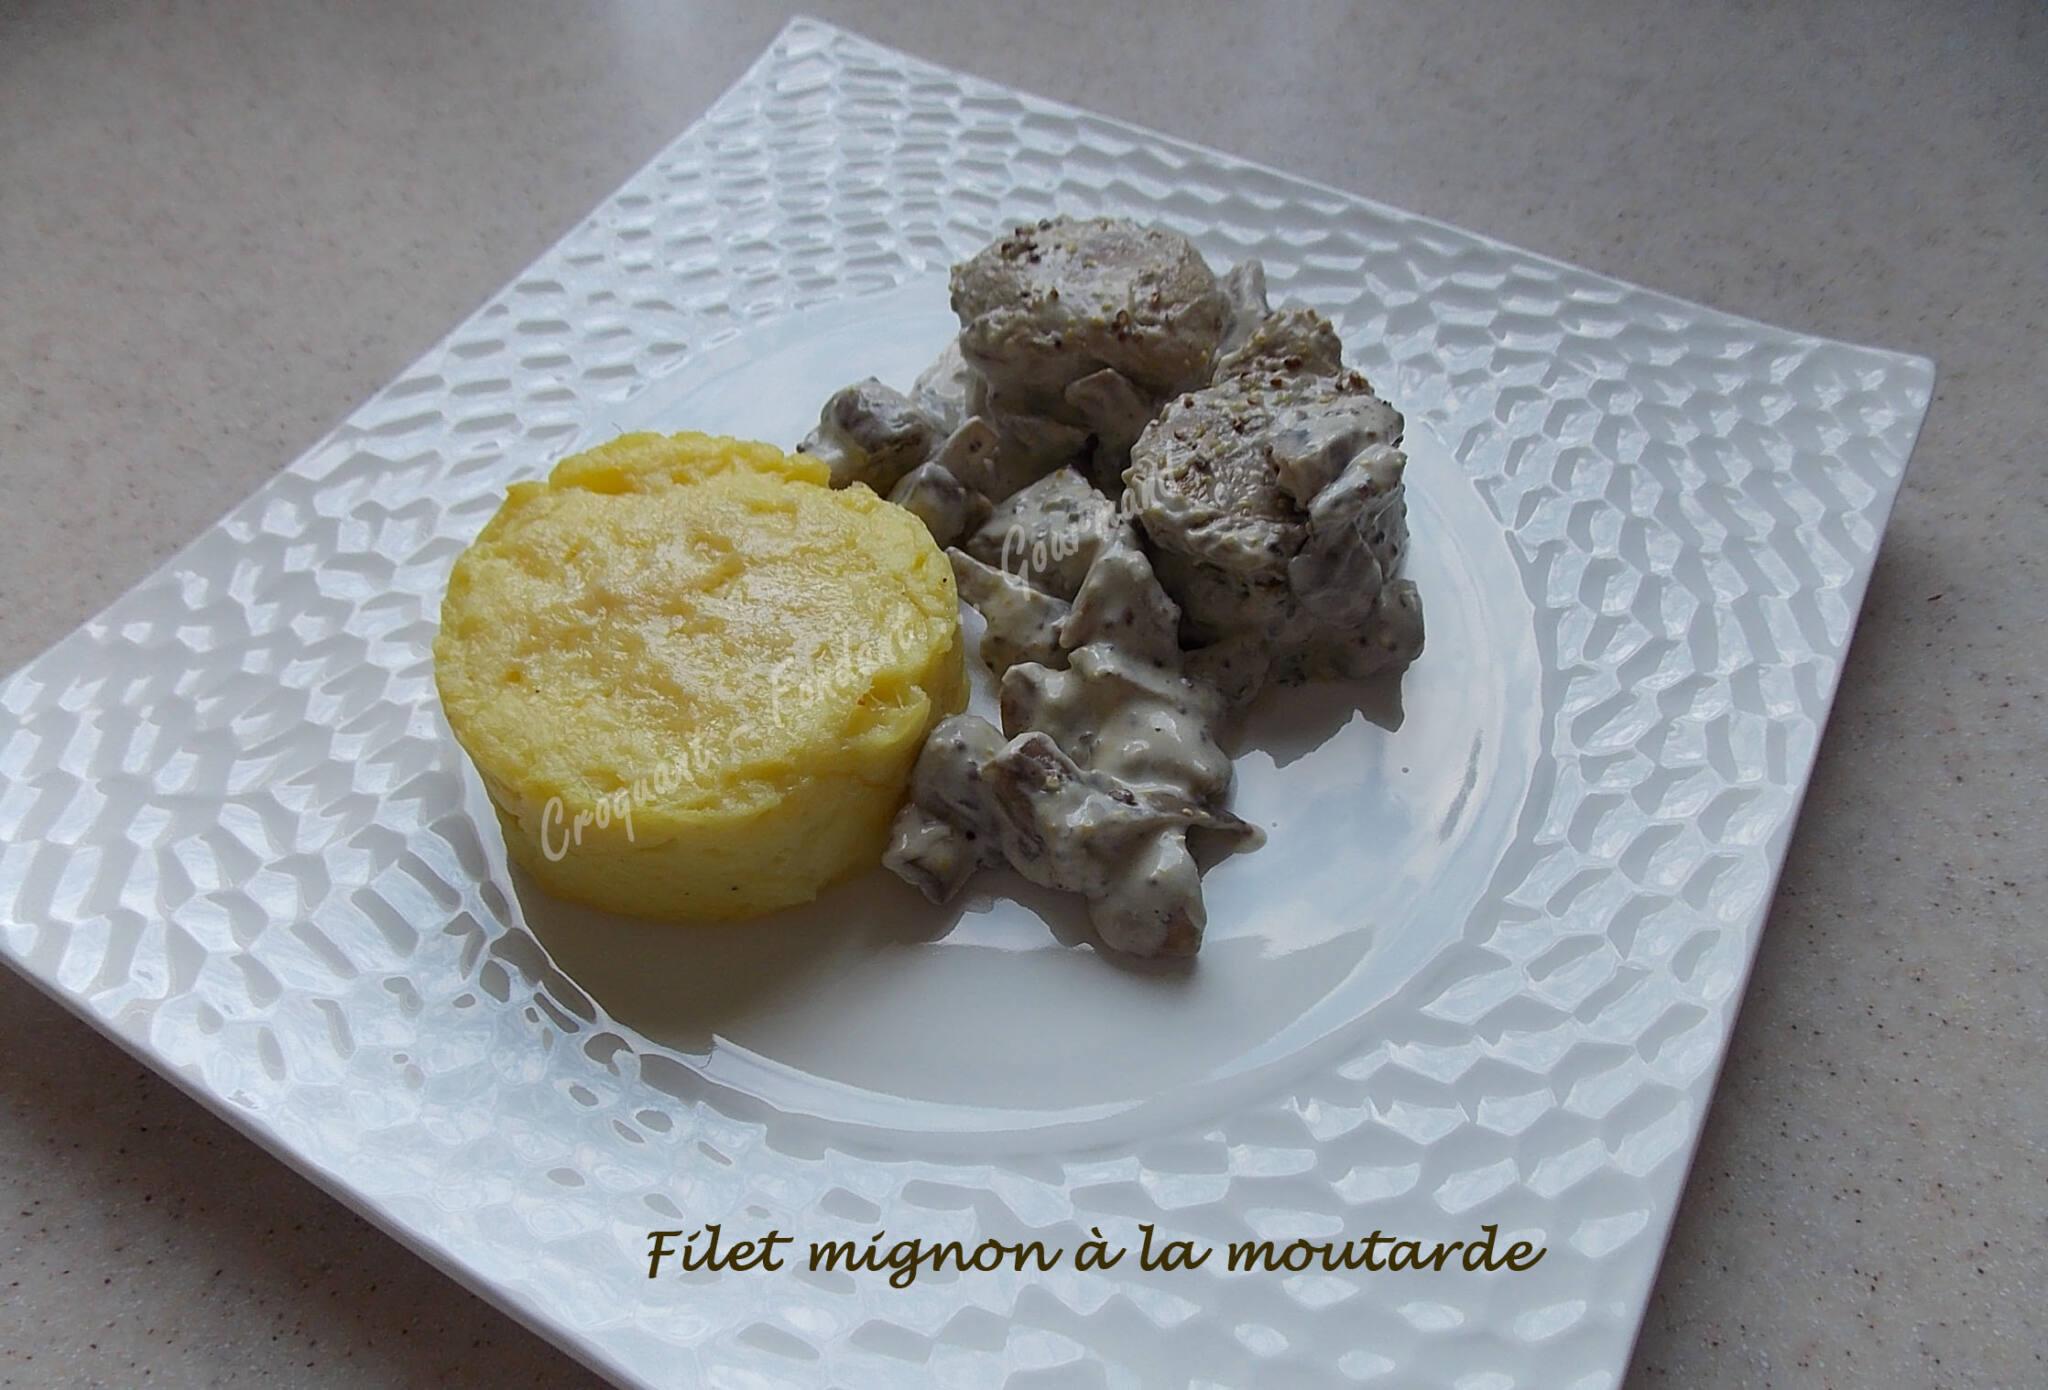 filet-mignon-a-la-moutarde-dscn7874